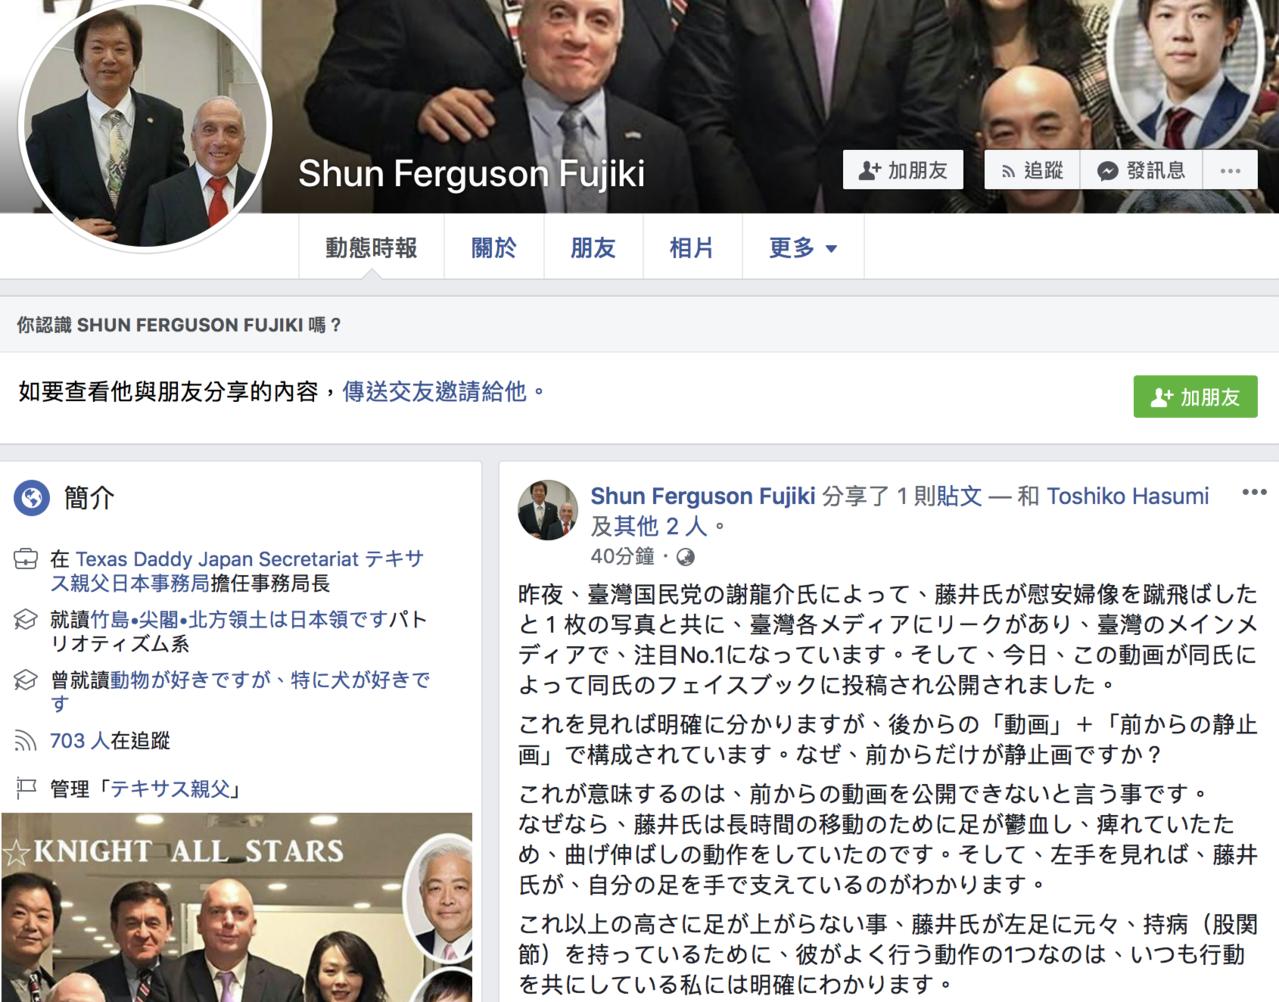 藤井友人在臉書發文認為這不是事實,藤井實彥只是因為長時間的移動麻木,正在伸展雙腿...